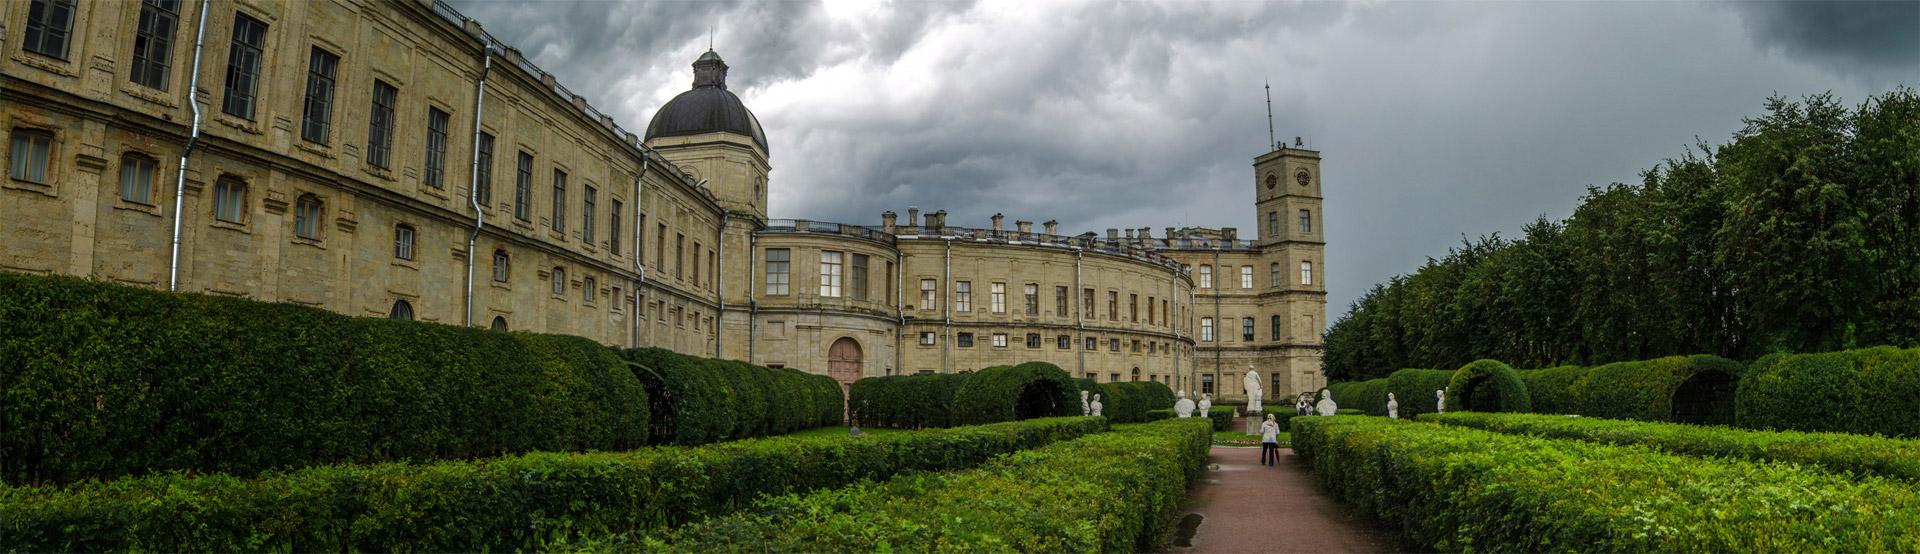 Гатчинский дворец: фото и видео интерьеров